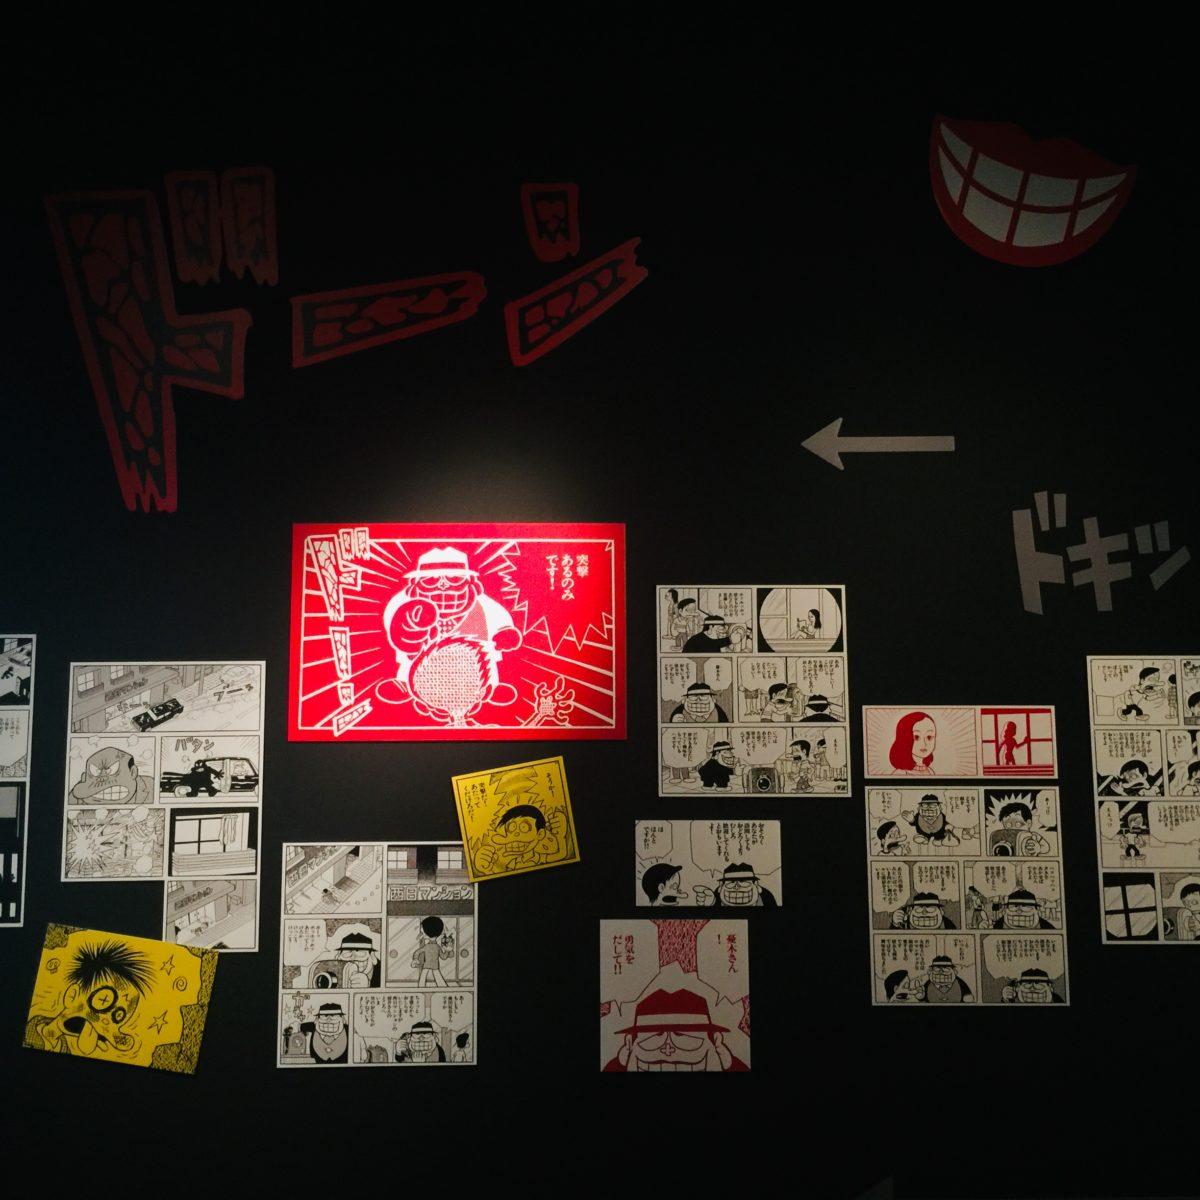 「藤子不二雄Ⓐ展」での47階からの眺め その2